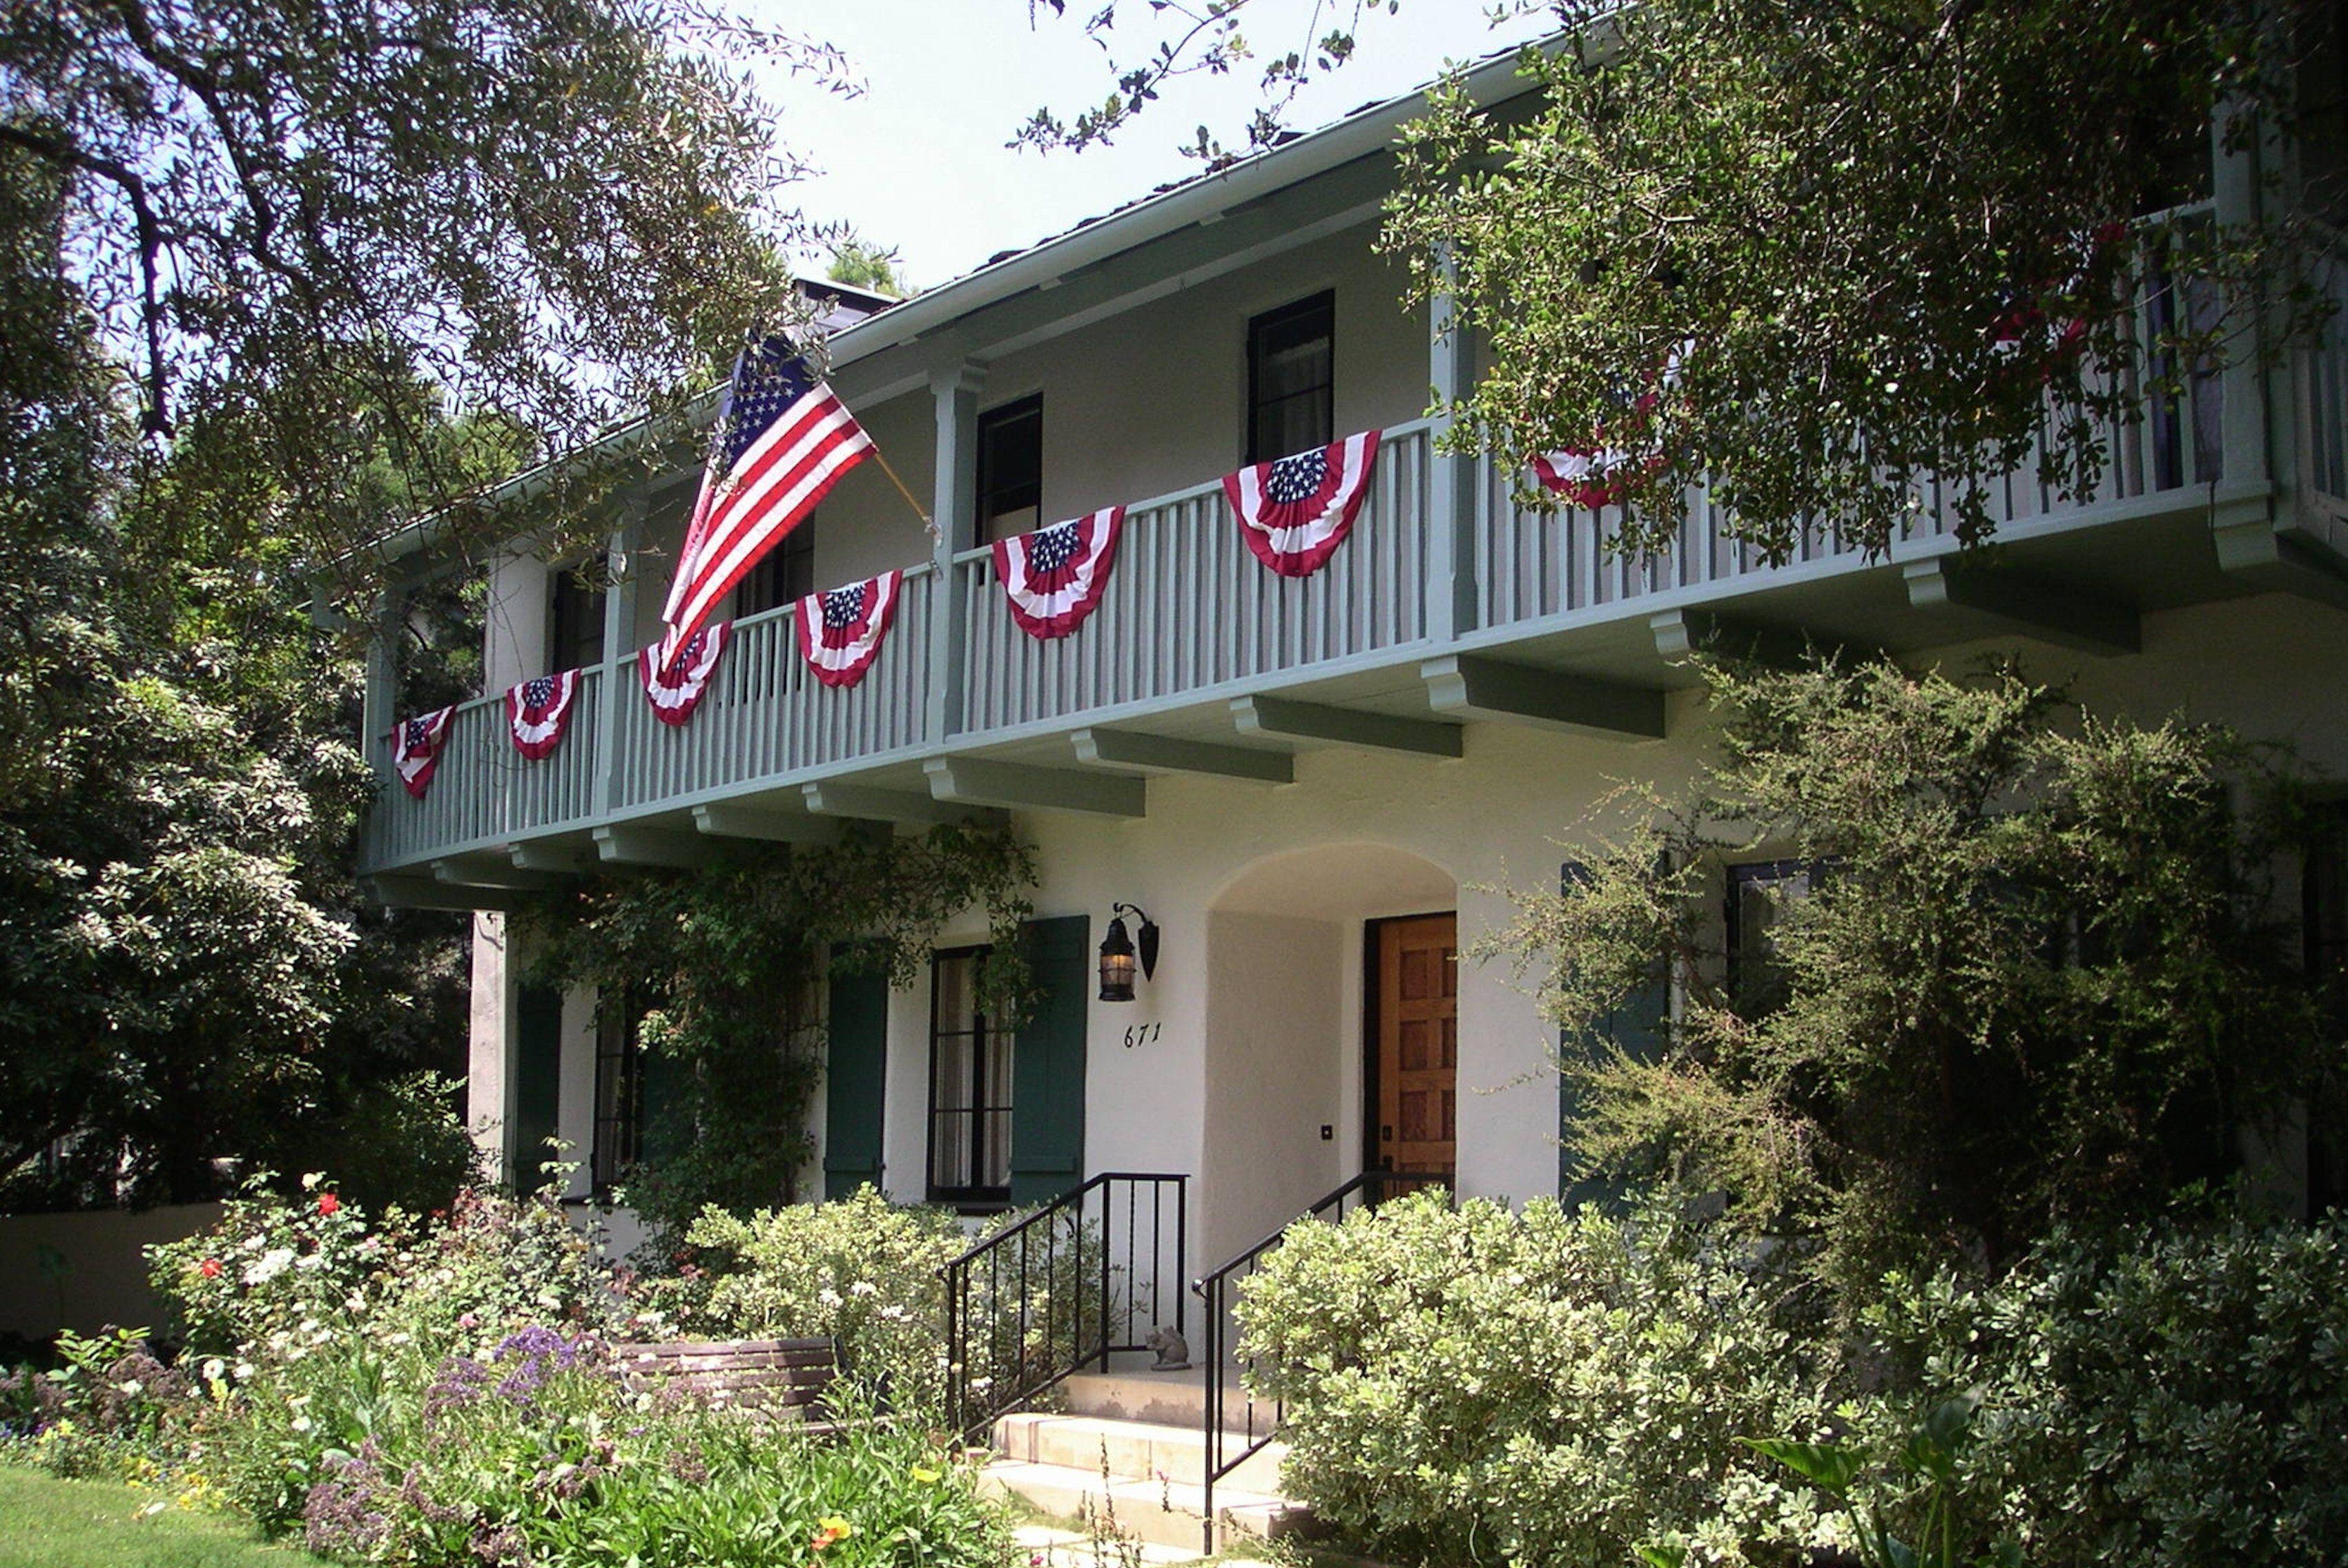 bannières drapeau américain pendent au deuxième étage porche de ce Monterey Colonial Revival